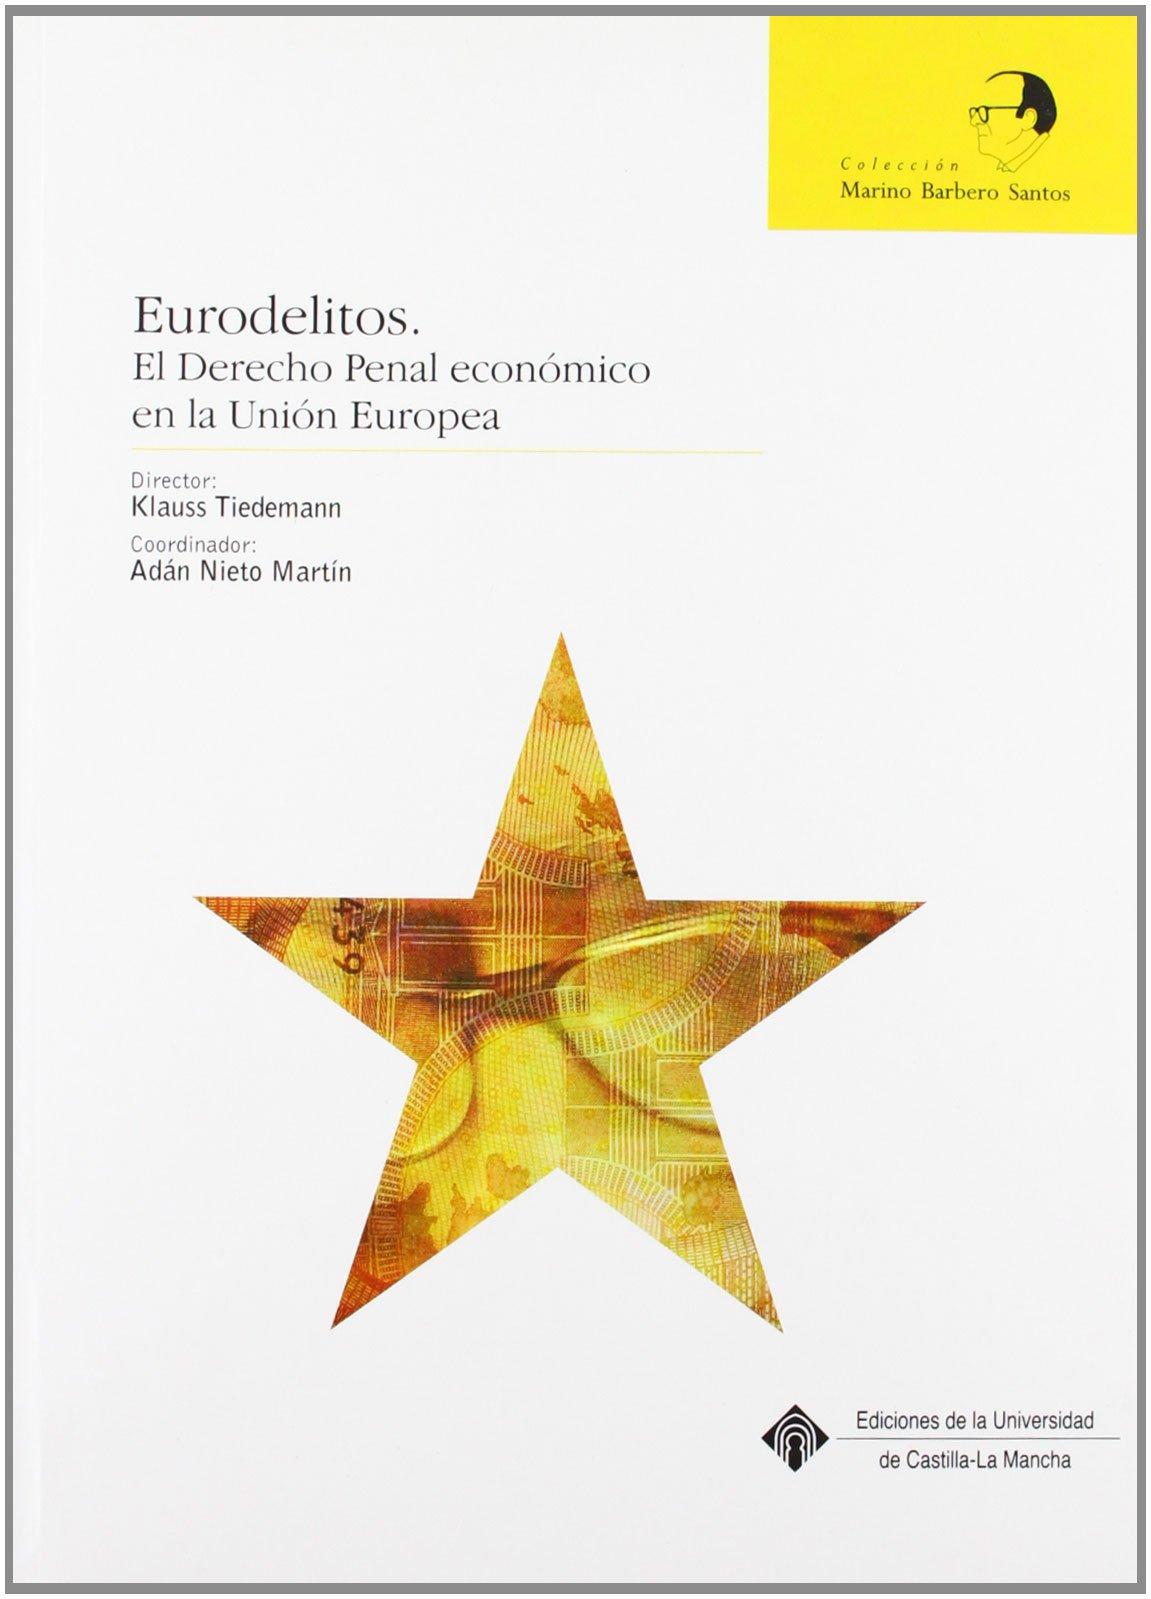 Eurodelitos. El derecho penal económico en la Unión Europea (MARINO BARBERO SANTOS) Tapa blanda – 8 mar 2005 Klaus Tiedemann Adán Nieto Martín 8484273636 International criminal law